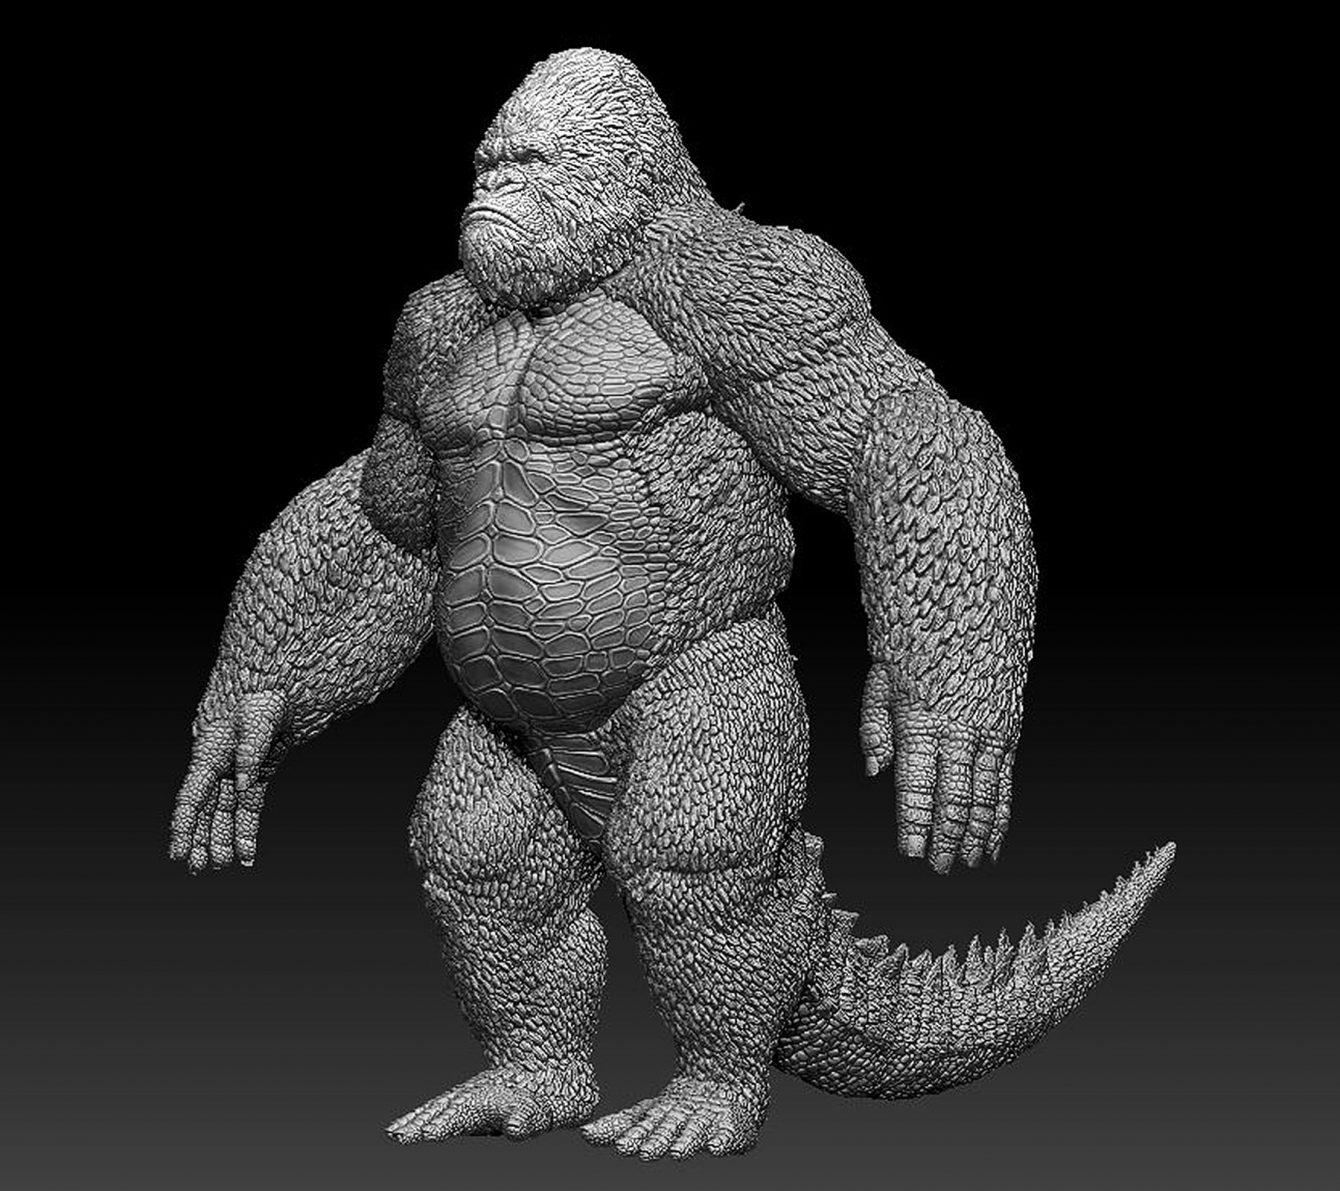 Godzilla-Kong hybrid2